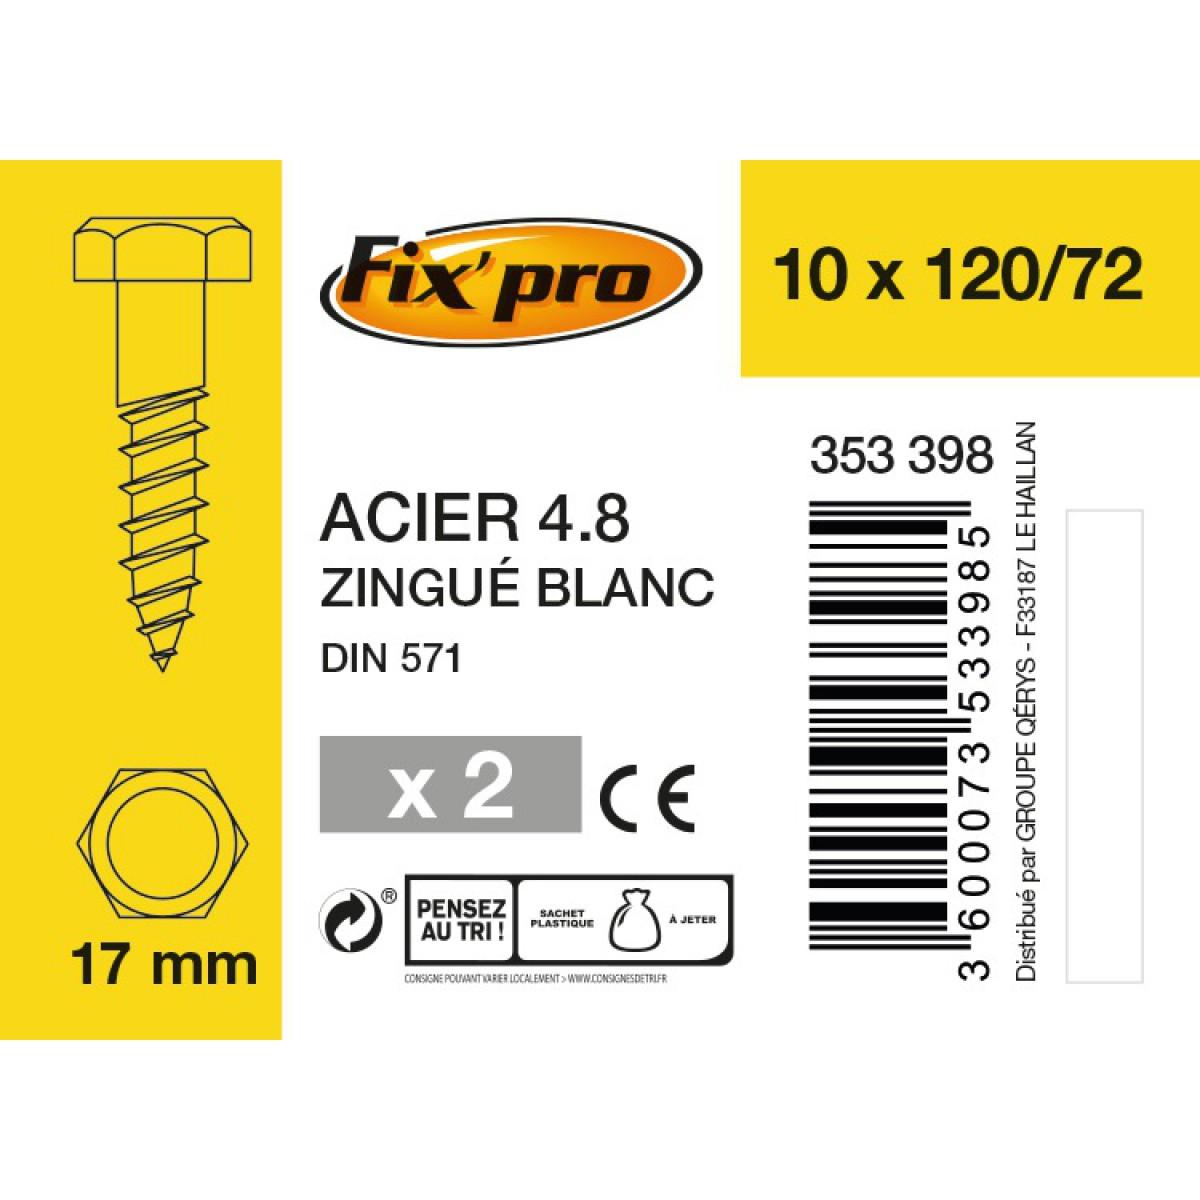 Tirefond tête hexagonale acier zingué - 10x120/72 - 2pces - Fixpro